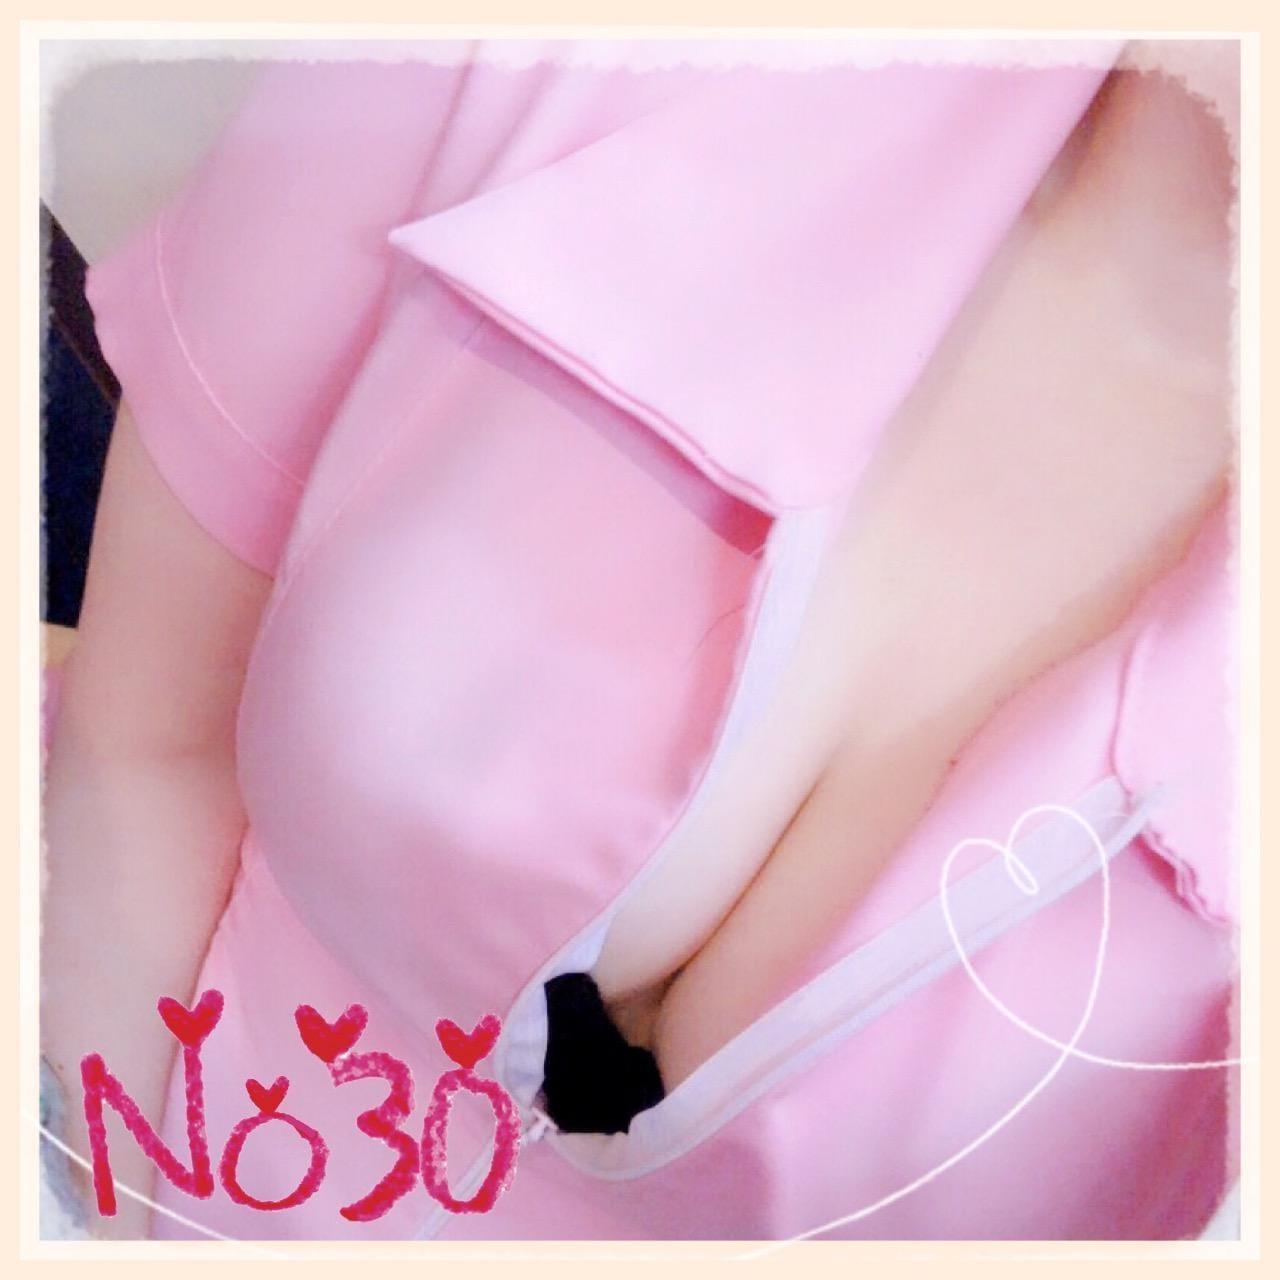 「No 30 大」08/11(08/11) 11:26 | 大森の写メ・風俗動画